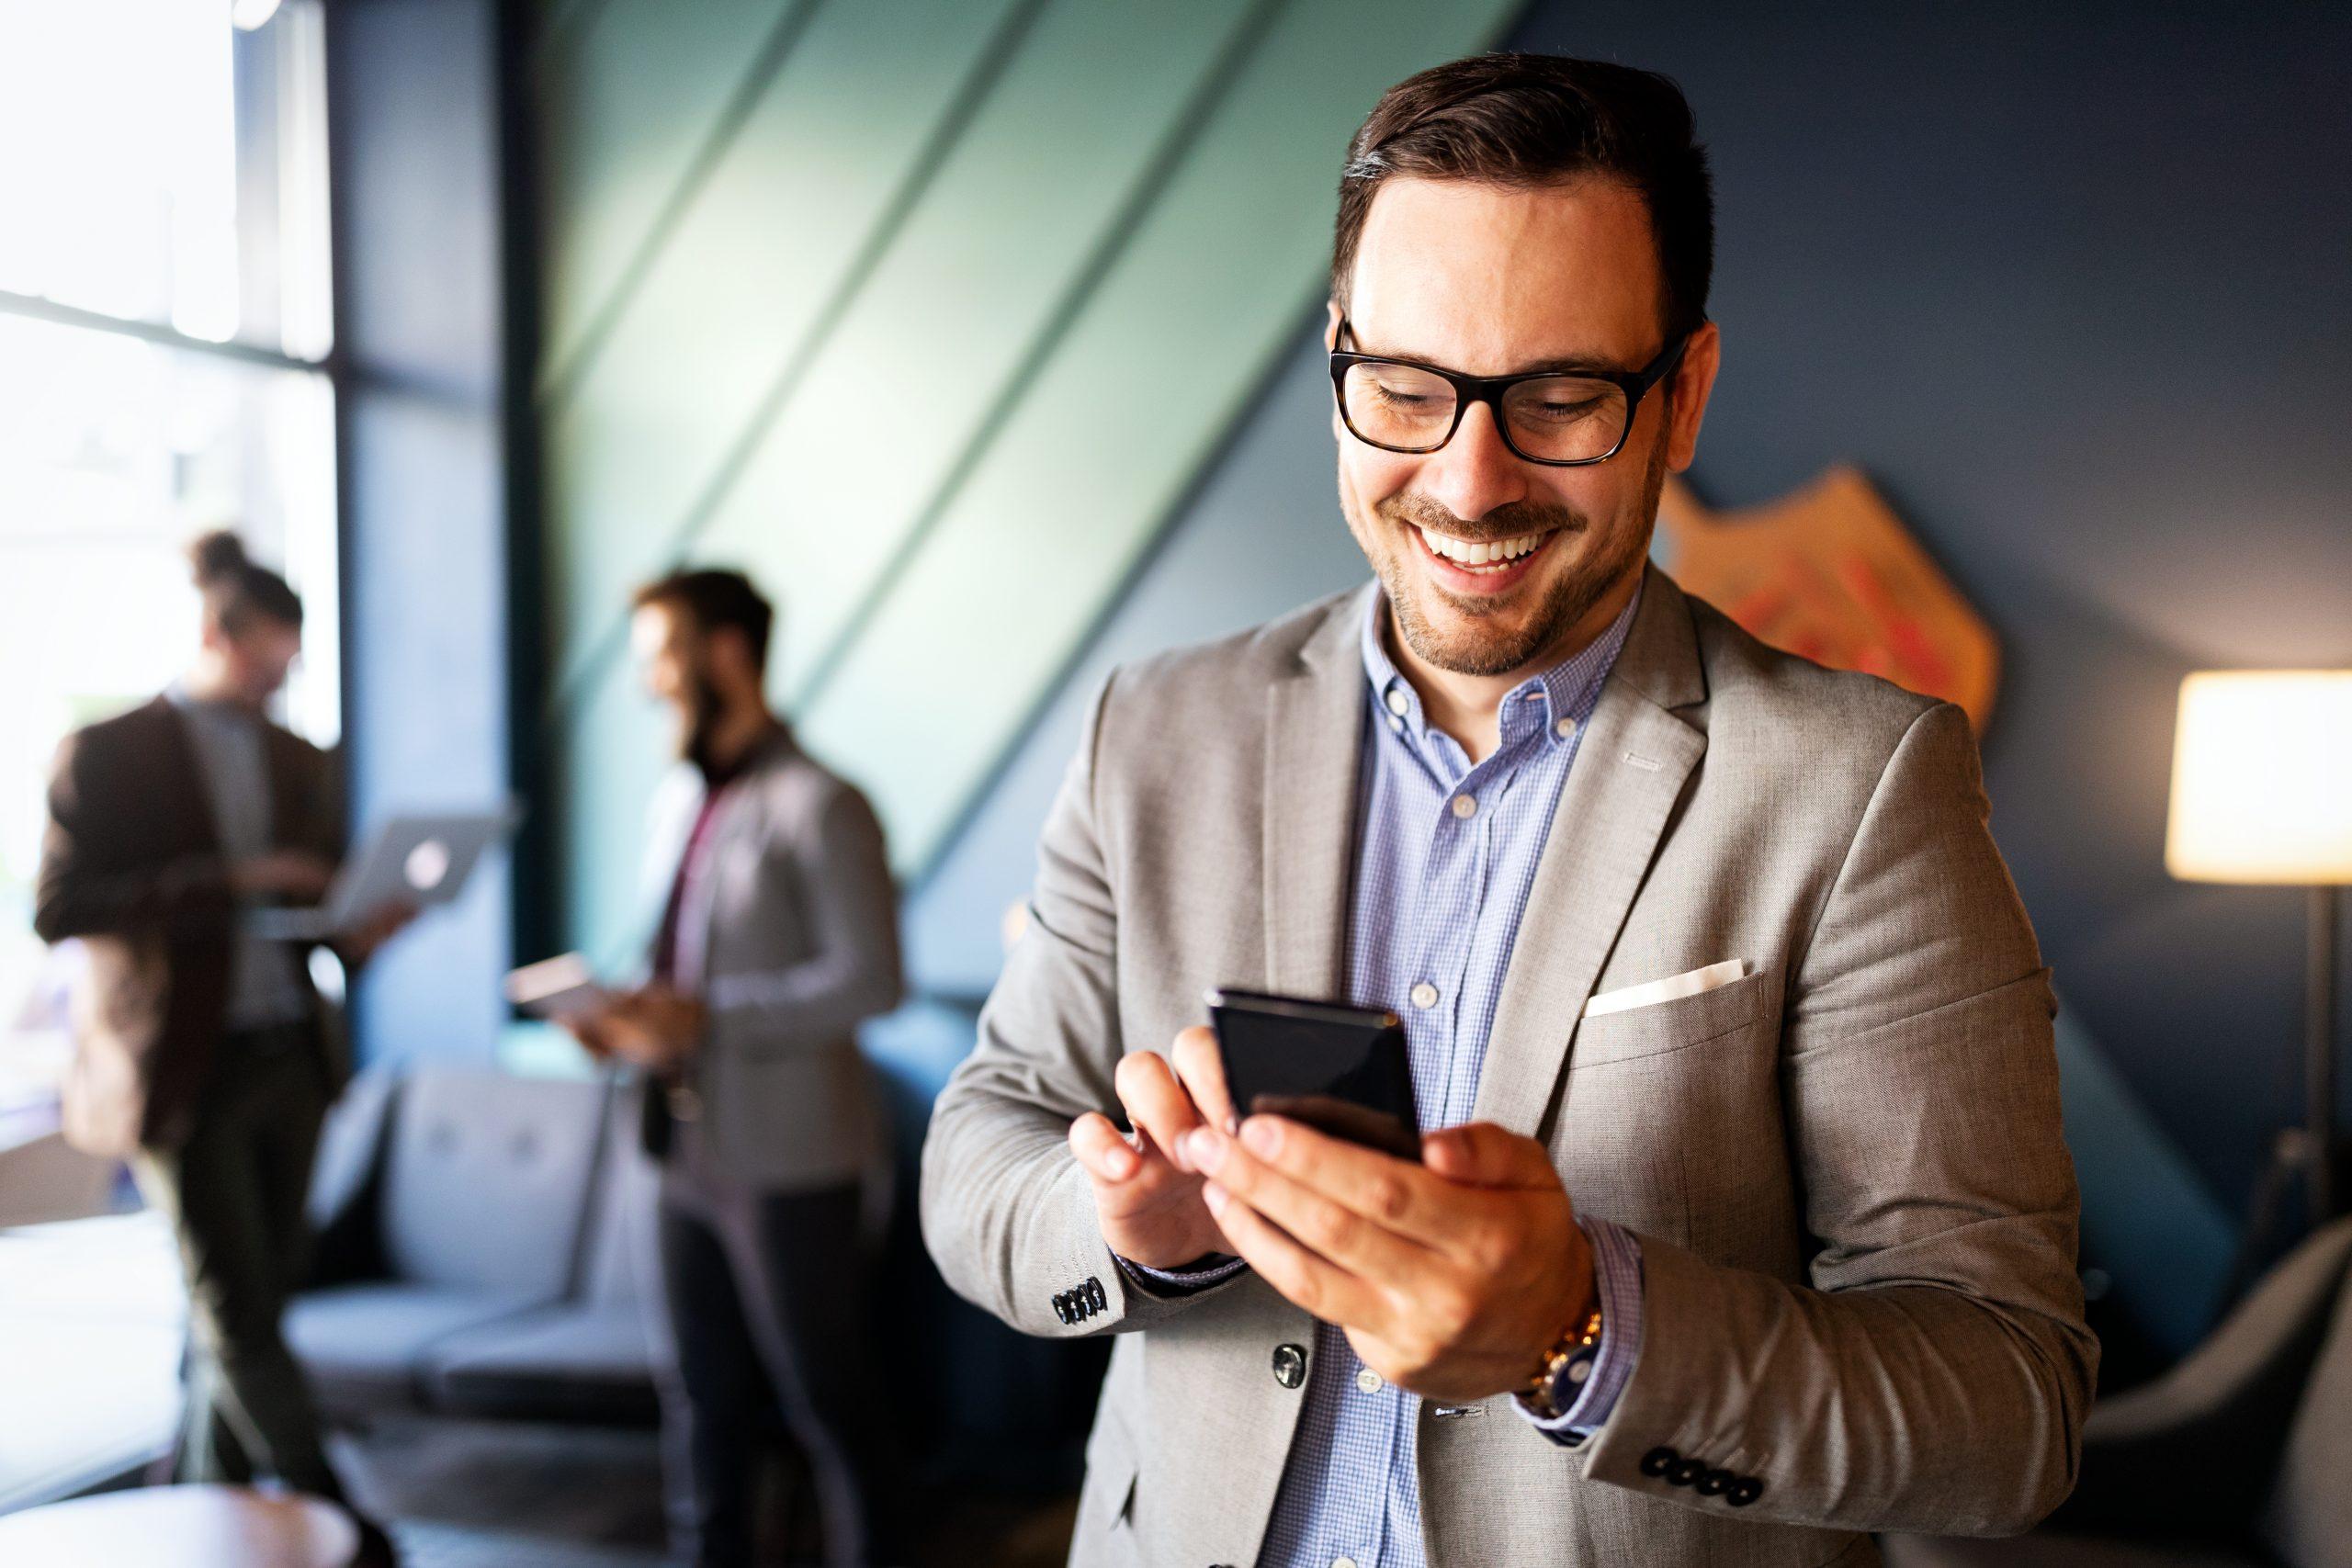 Geschäftsmann im grauen Anzug tippt auf sein Smartphone und lächelt dabei